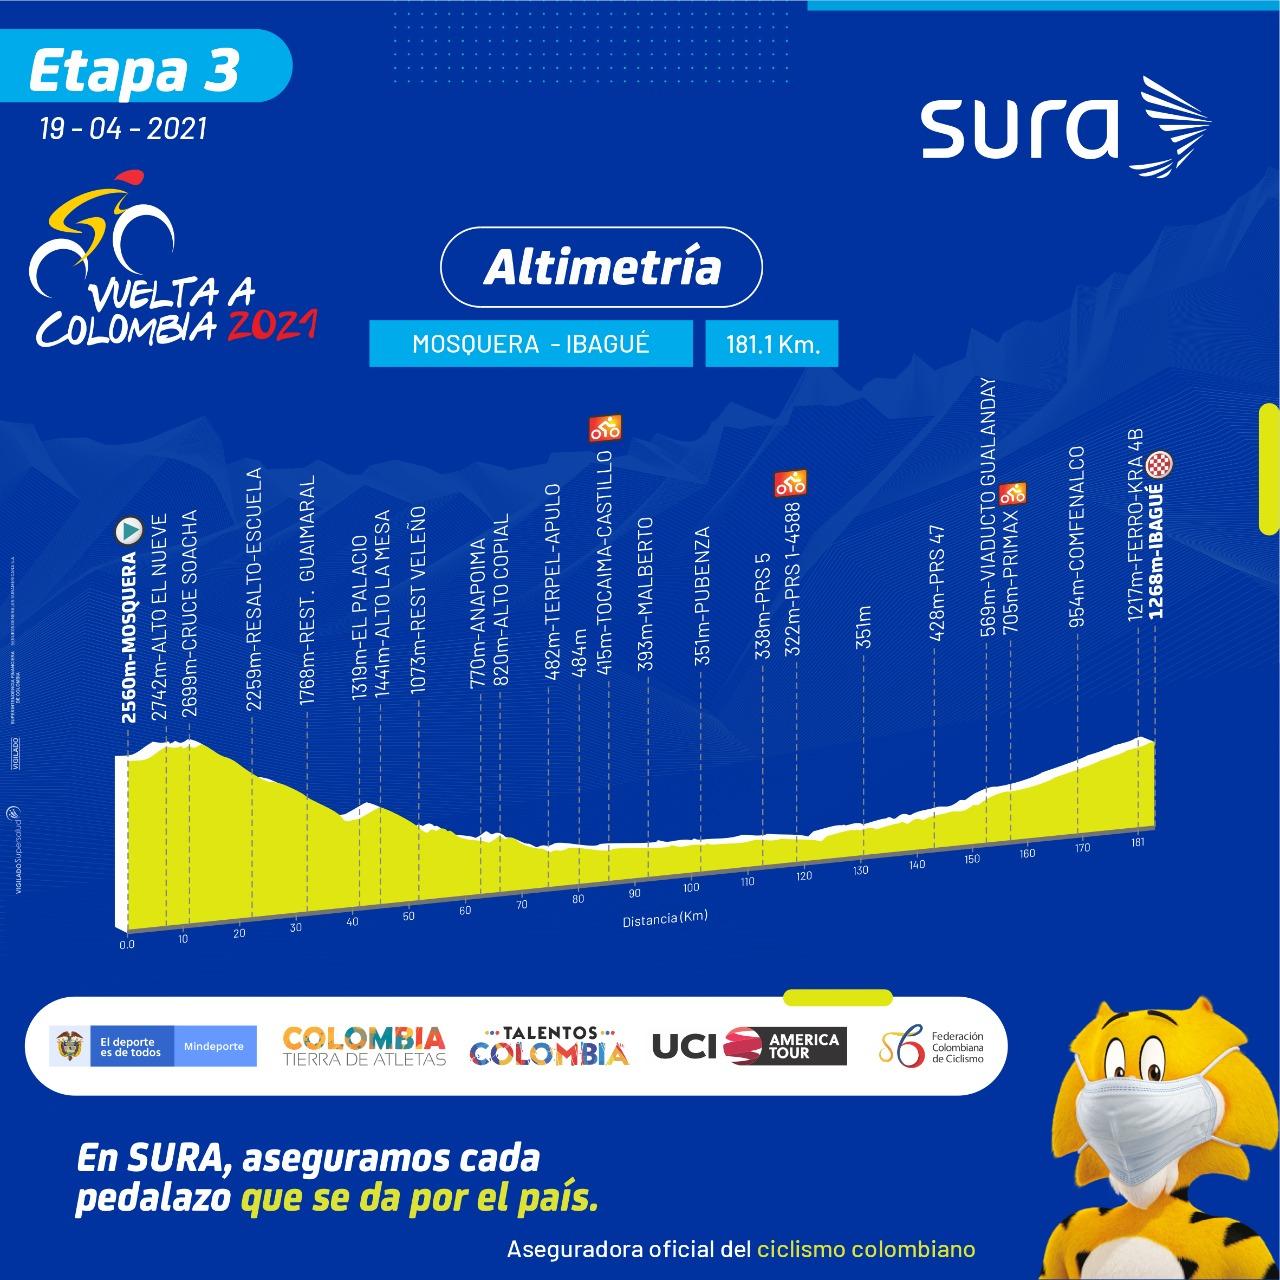 Etapa 3 Vuelta a Colombia 2021